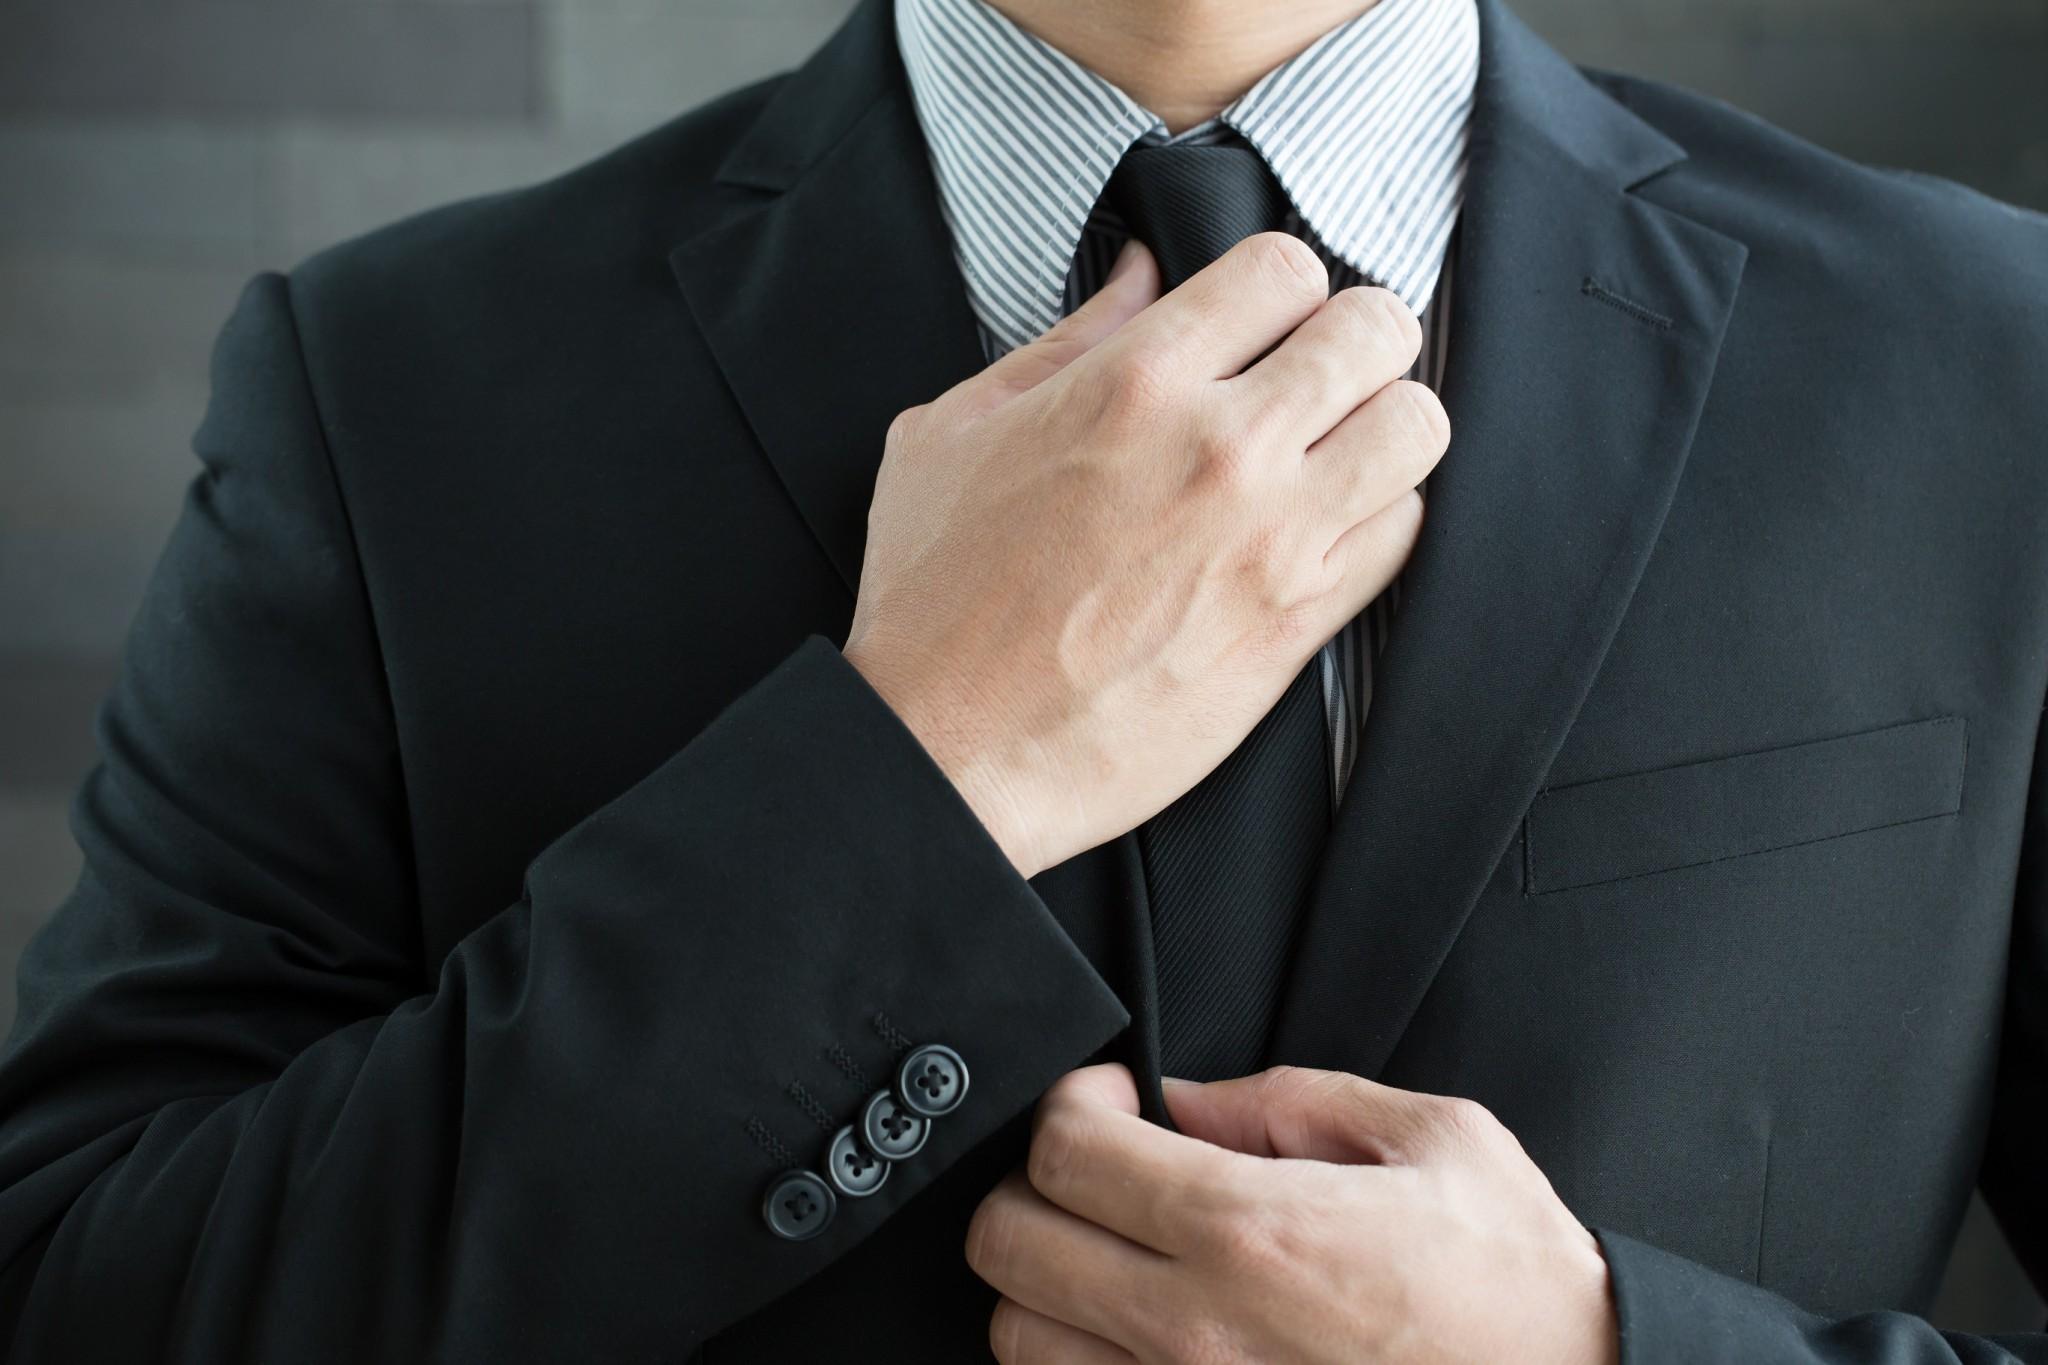 83759d3a70fad 男性が結婚式で着る服に『ブラックスーツ』が挙げられます。 西洋から伝わってきたスーツを日本式にアレンジしたスーツがこのブラックスーツで、慶事にも弔事にも着用  ...